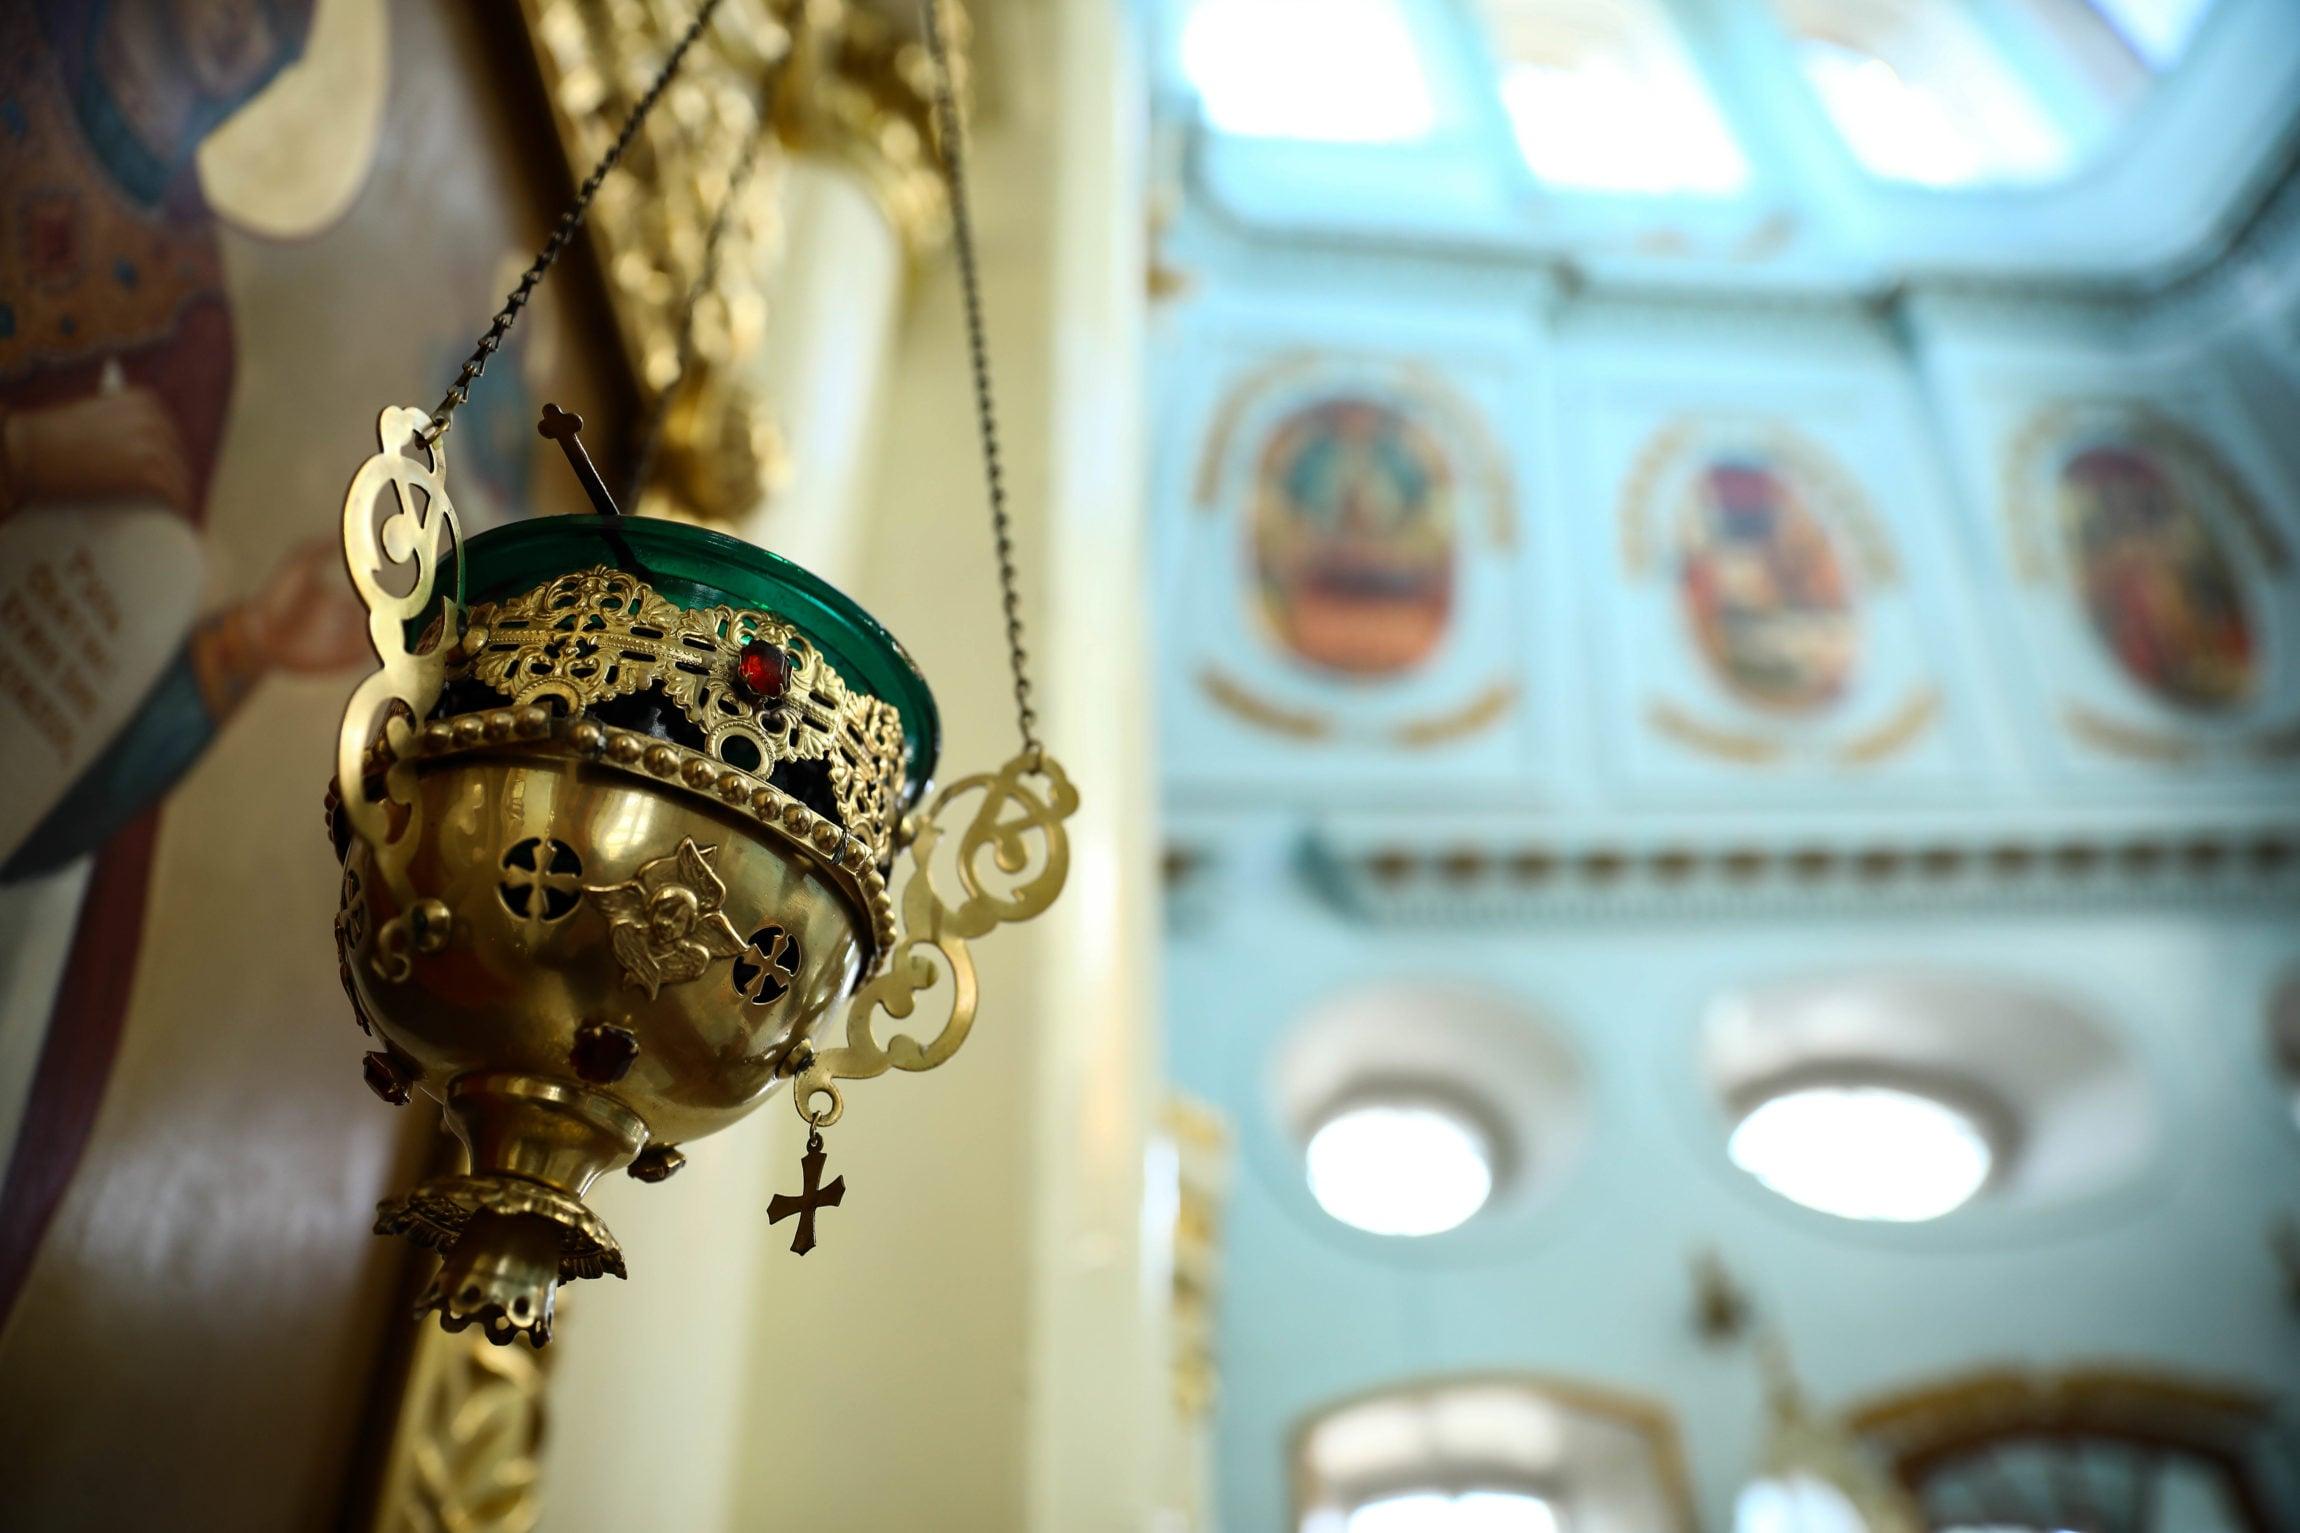 http://monuspen.ru/photoreports/300a33e78ae43bf112005df432bc34g9.jpg